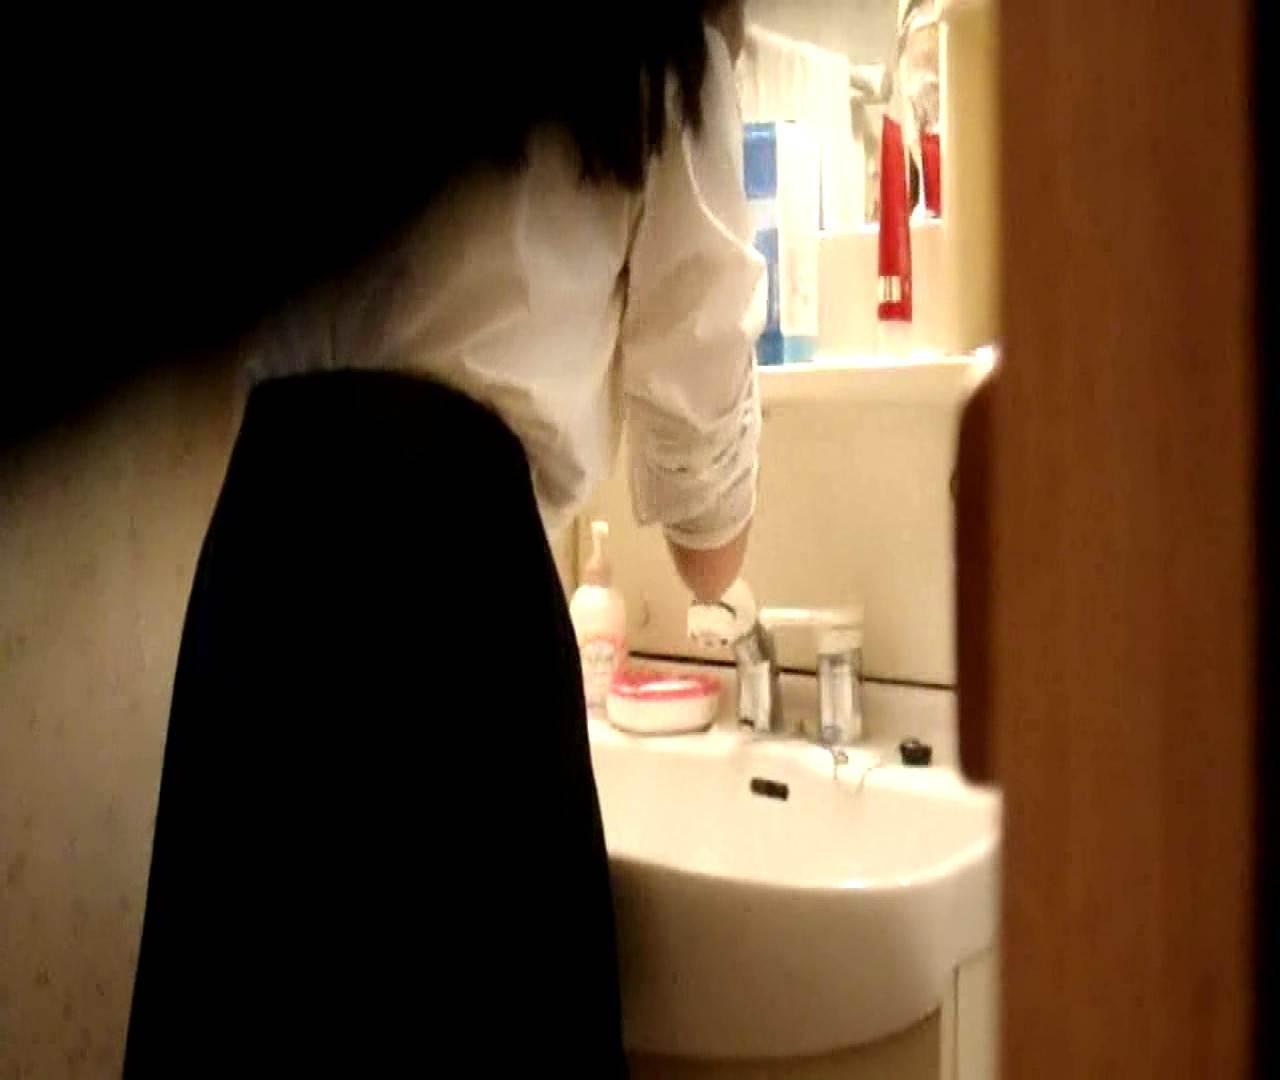 vol.5 まどかが帰宅後の洗顔後にブラを洗ってます。 いじくり  75PIX 37